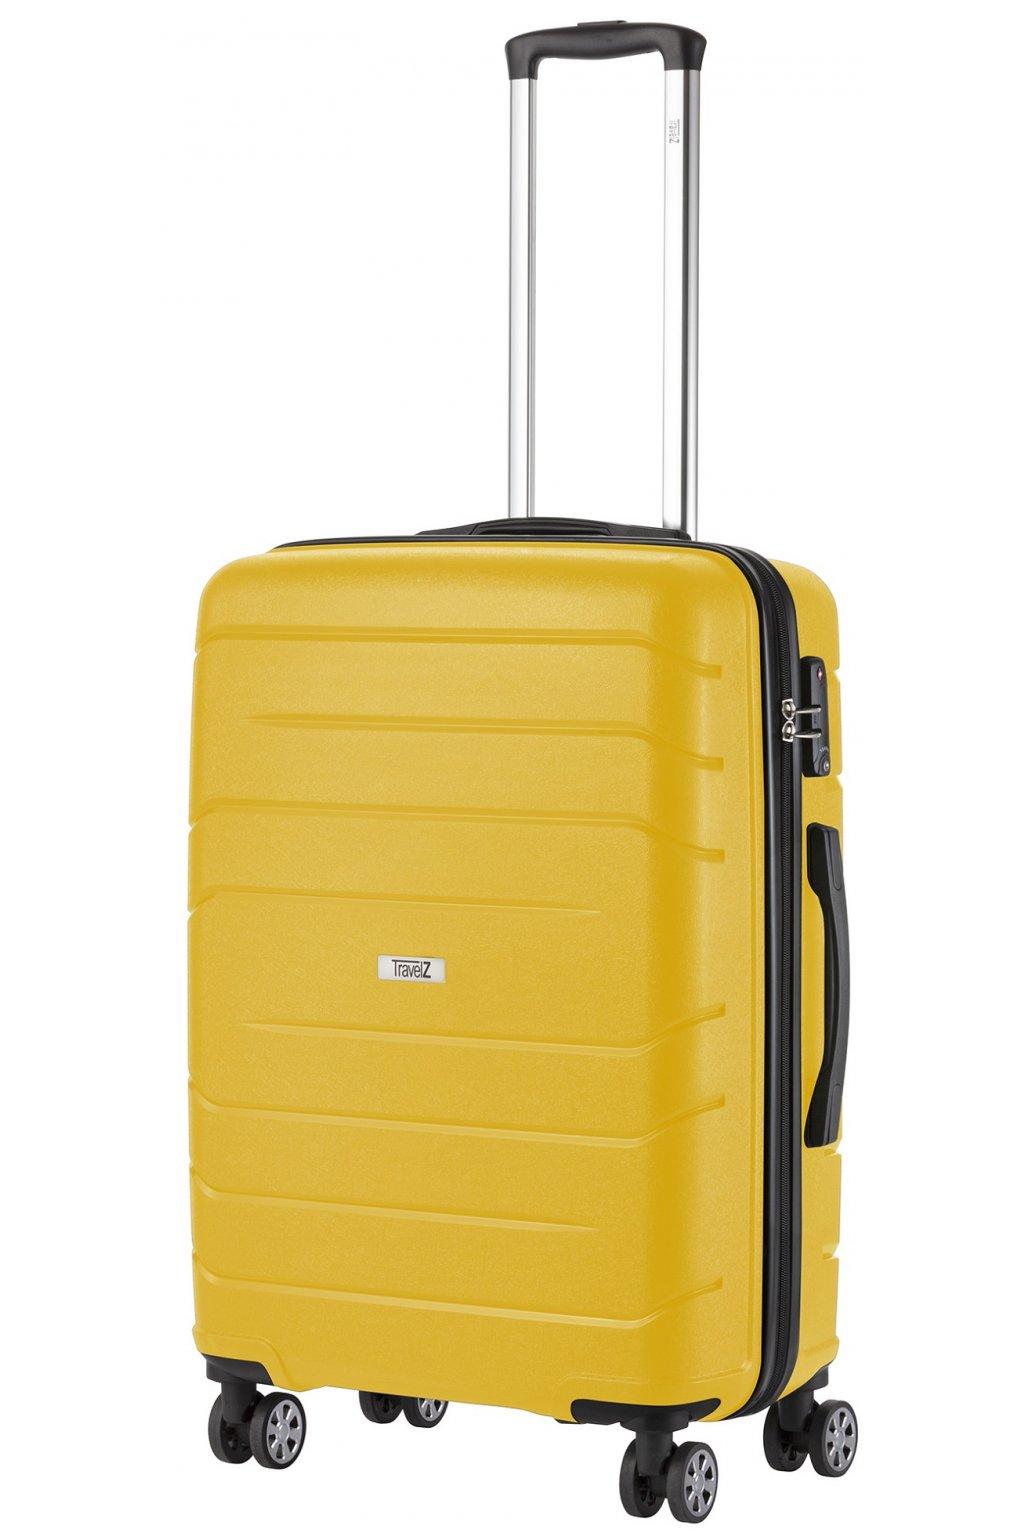 kufrland travelz bigbars yellow (4)